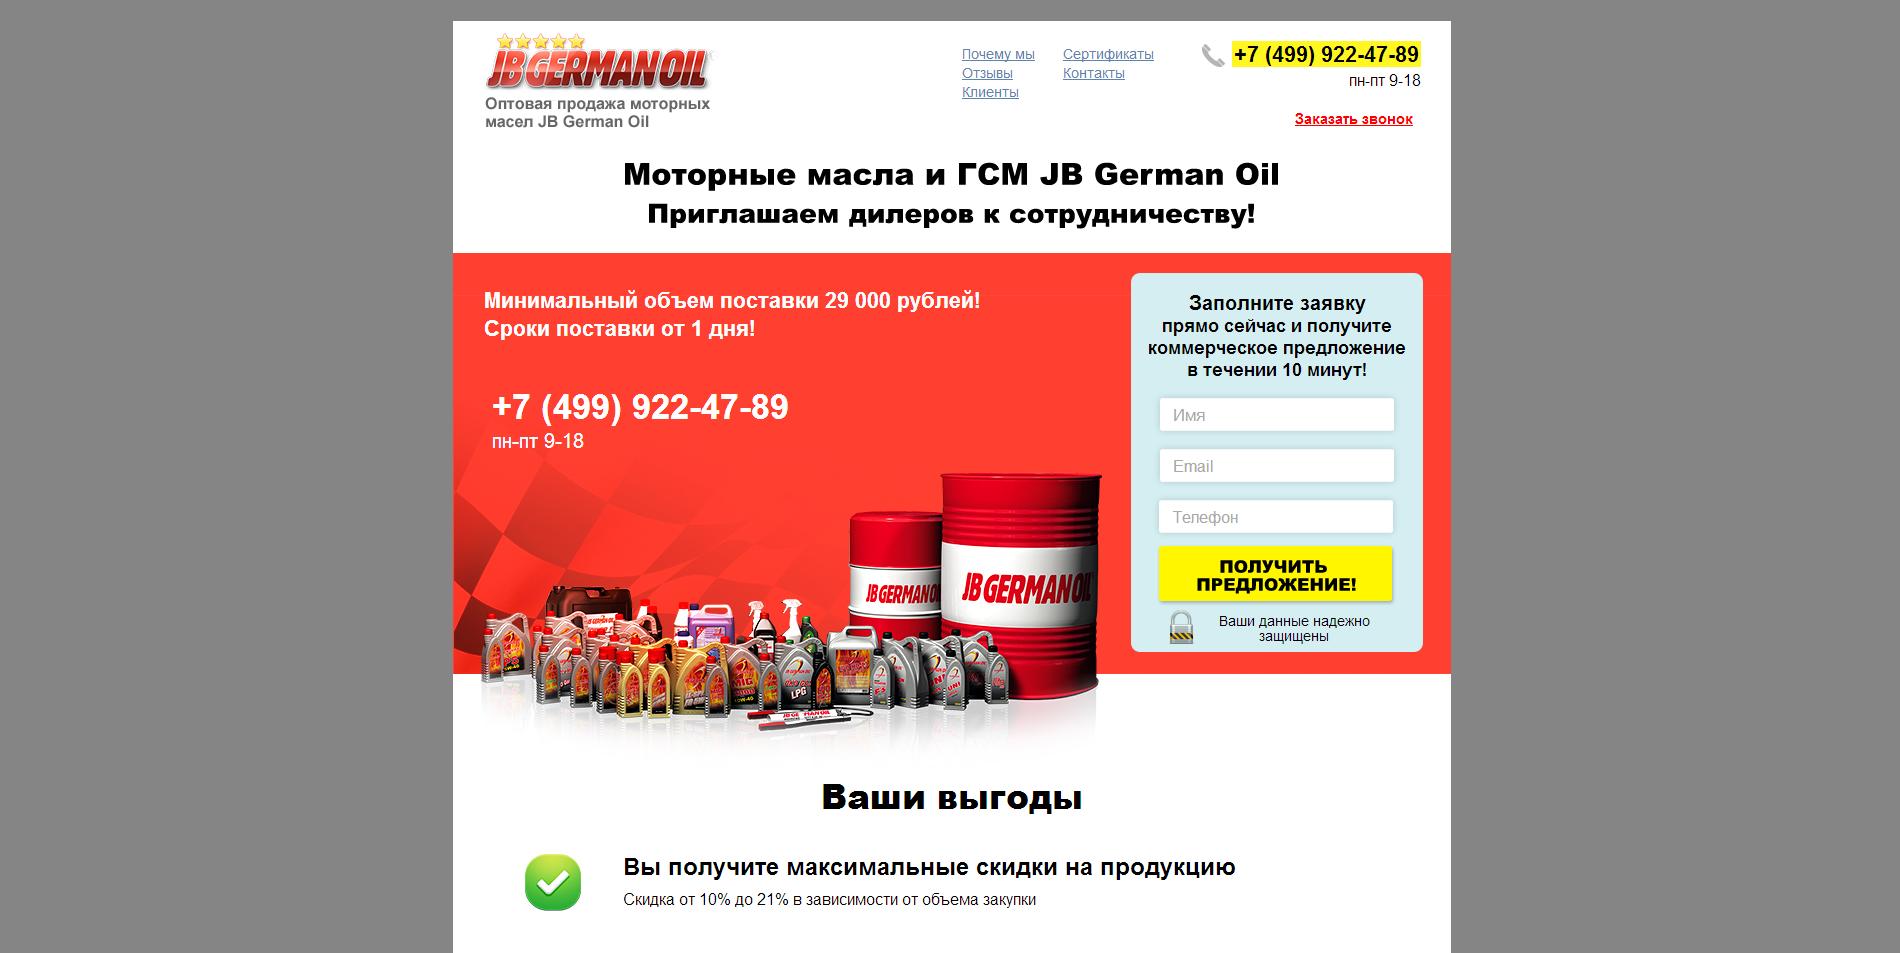 Дилерство моторных масел JB German Oil в Вашем городе